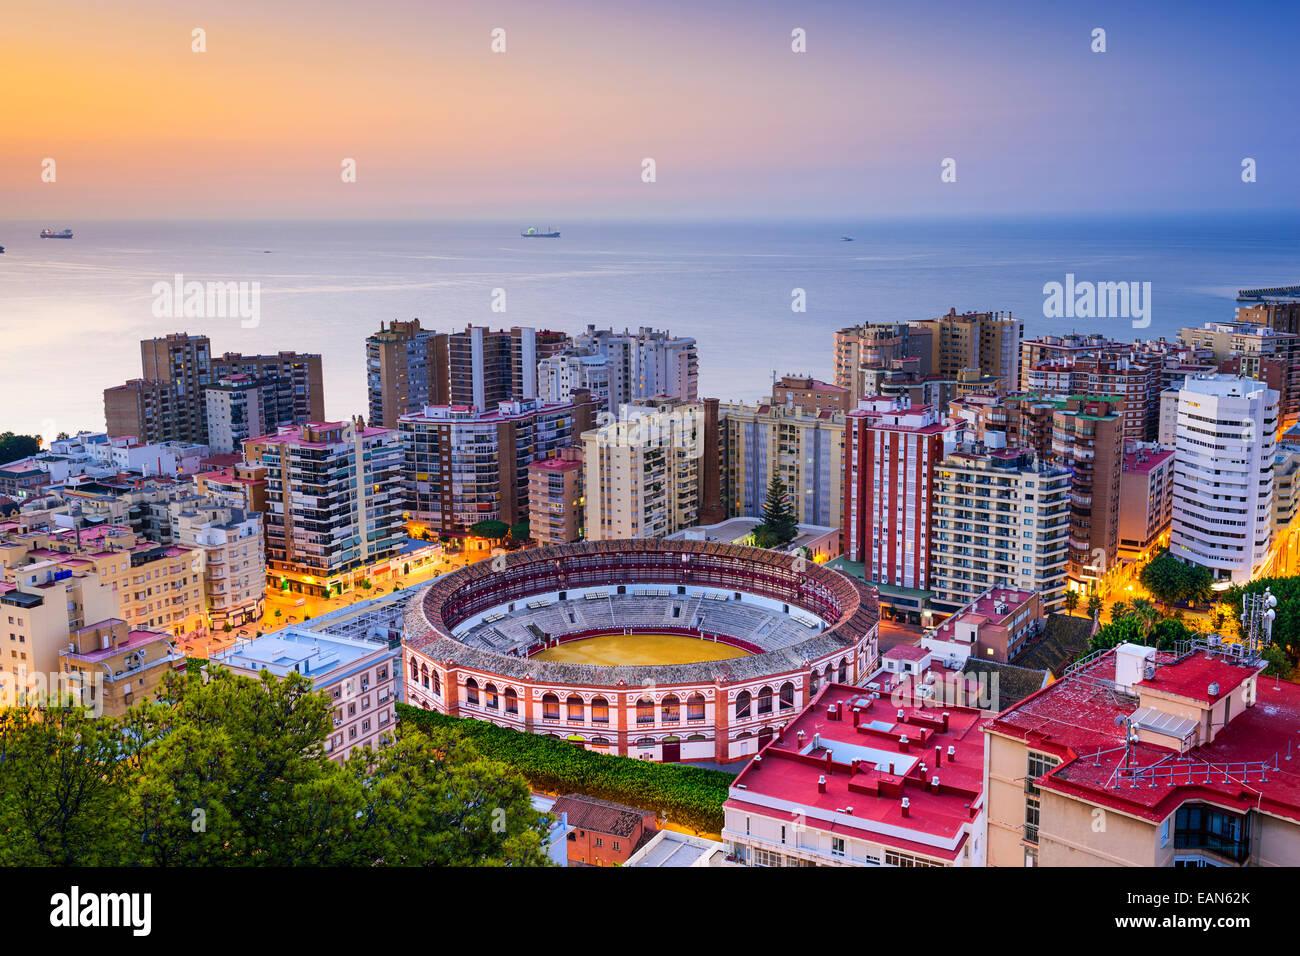 Malaga, Spagna cityscape all'alba. Immagini Stock